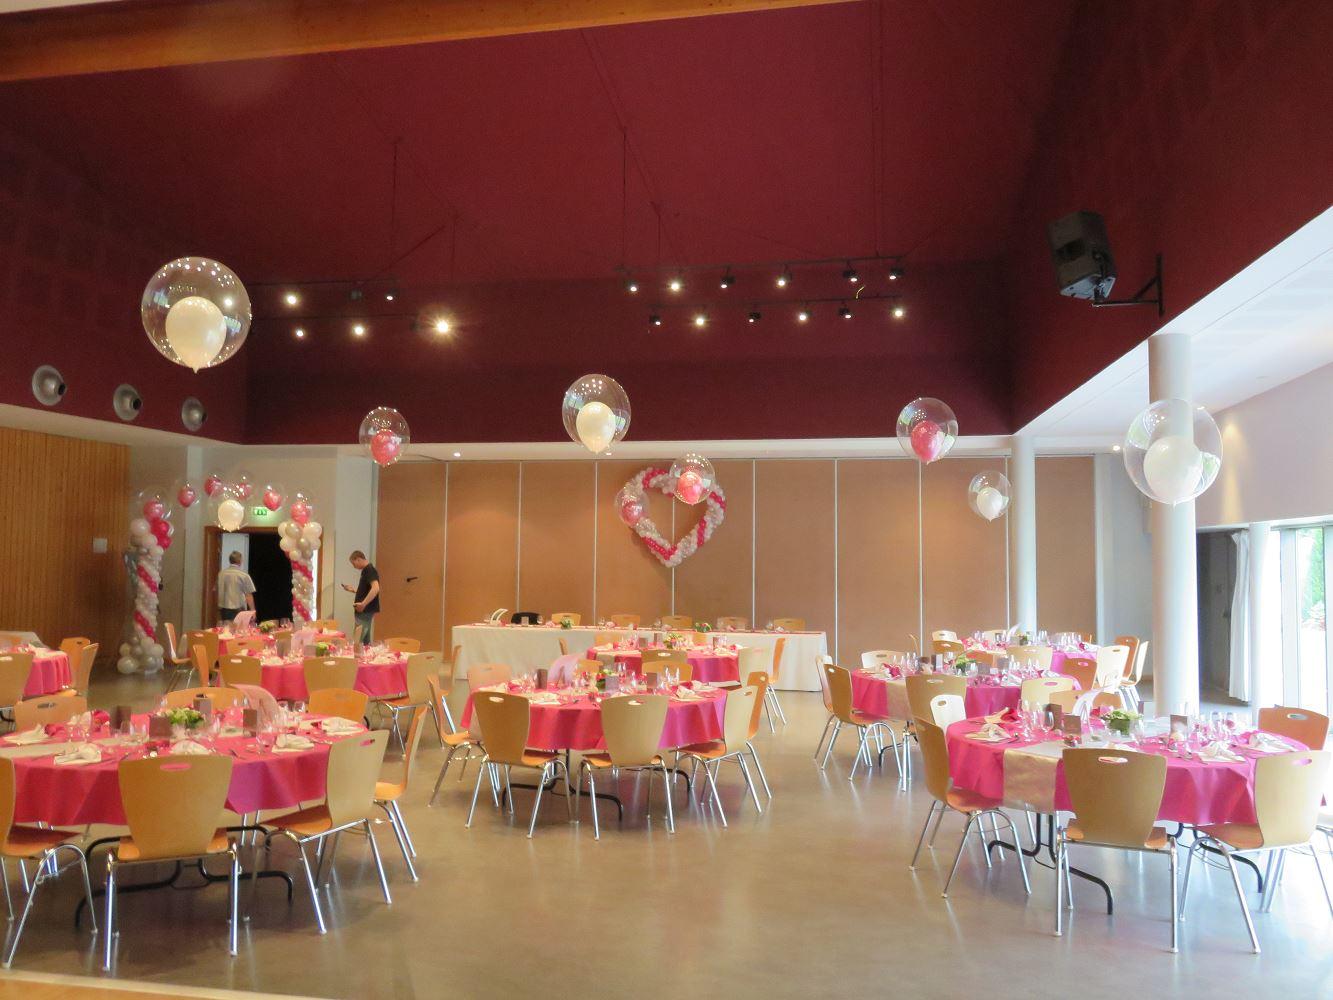 Id et photo d coration mariage deco ballon mariage deco salle pour mariage deco mariage - Decoration de ballon pour mariage ...